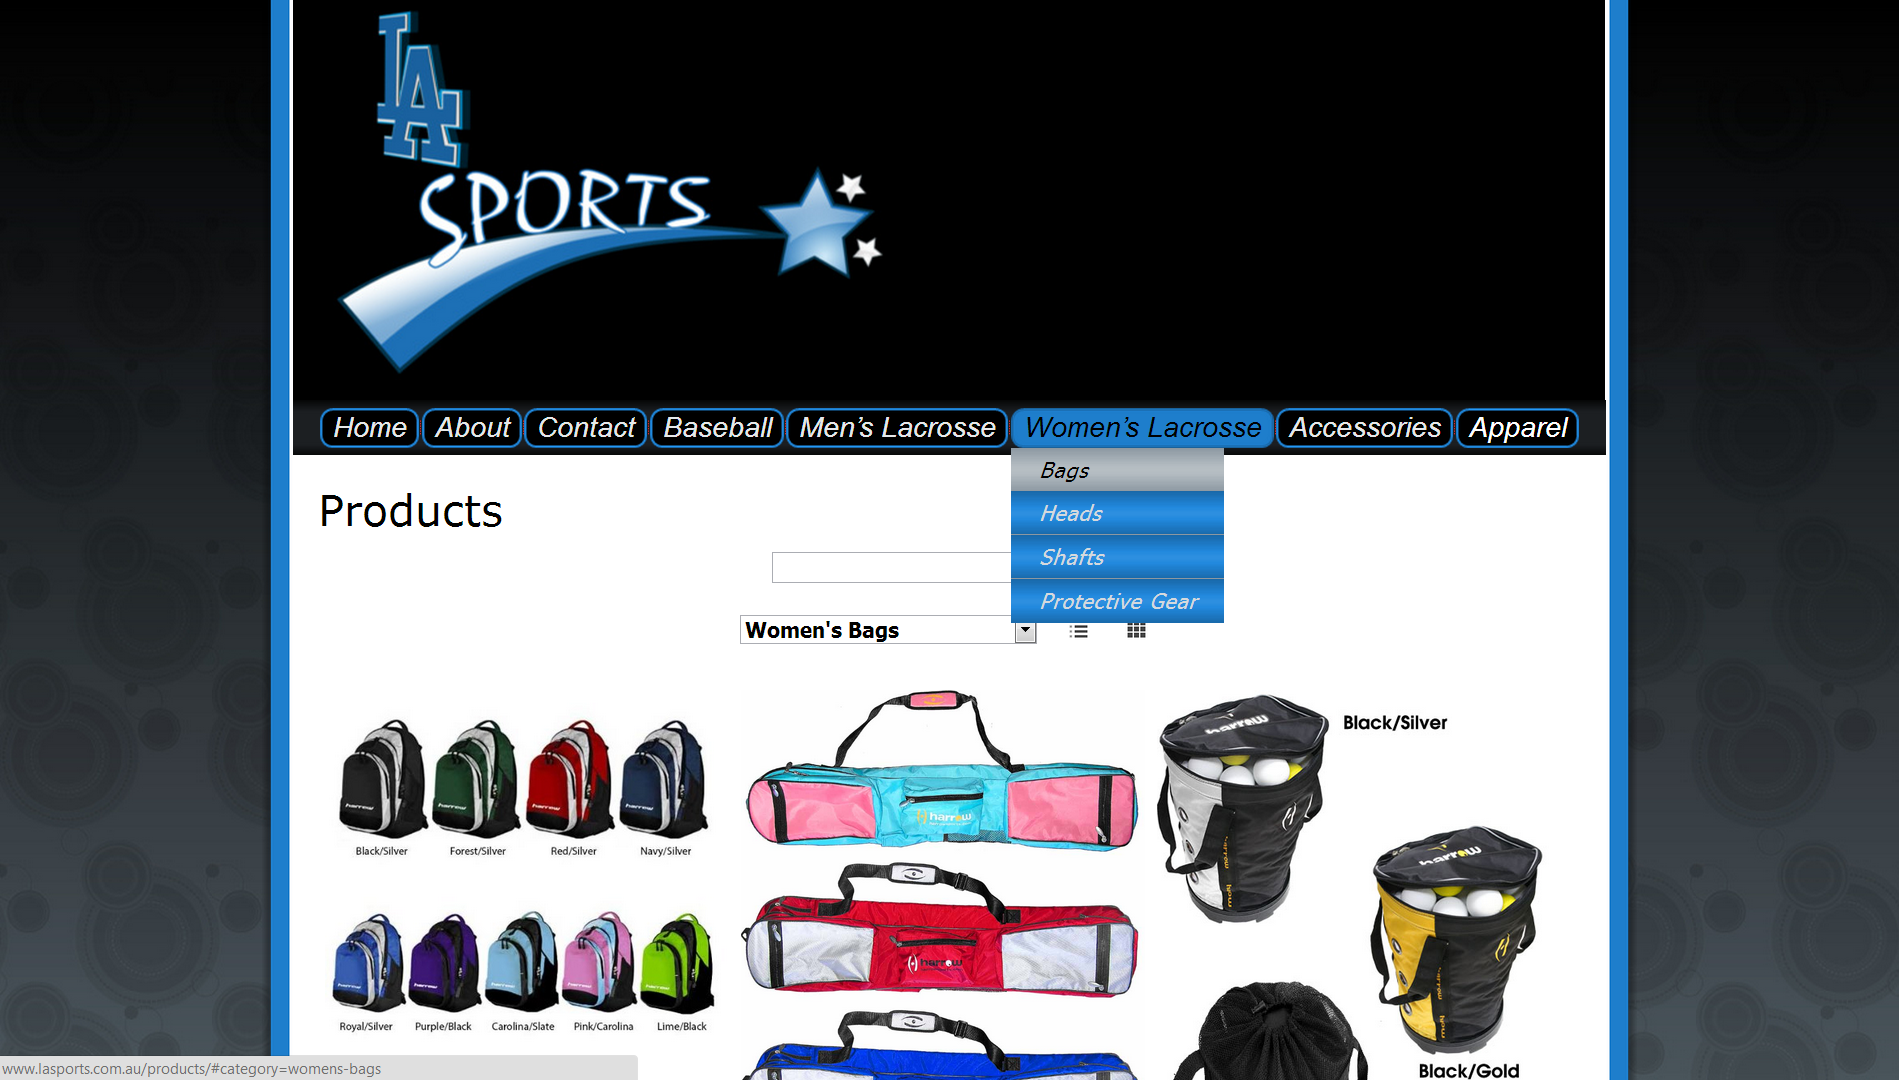 La Sports Shop